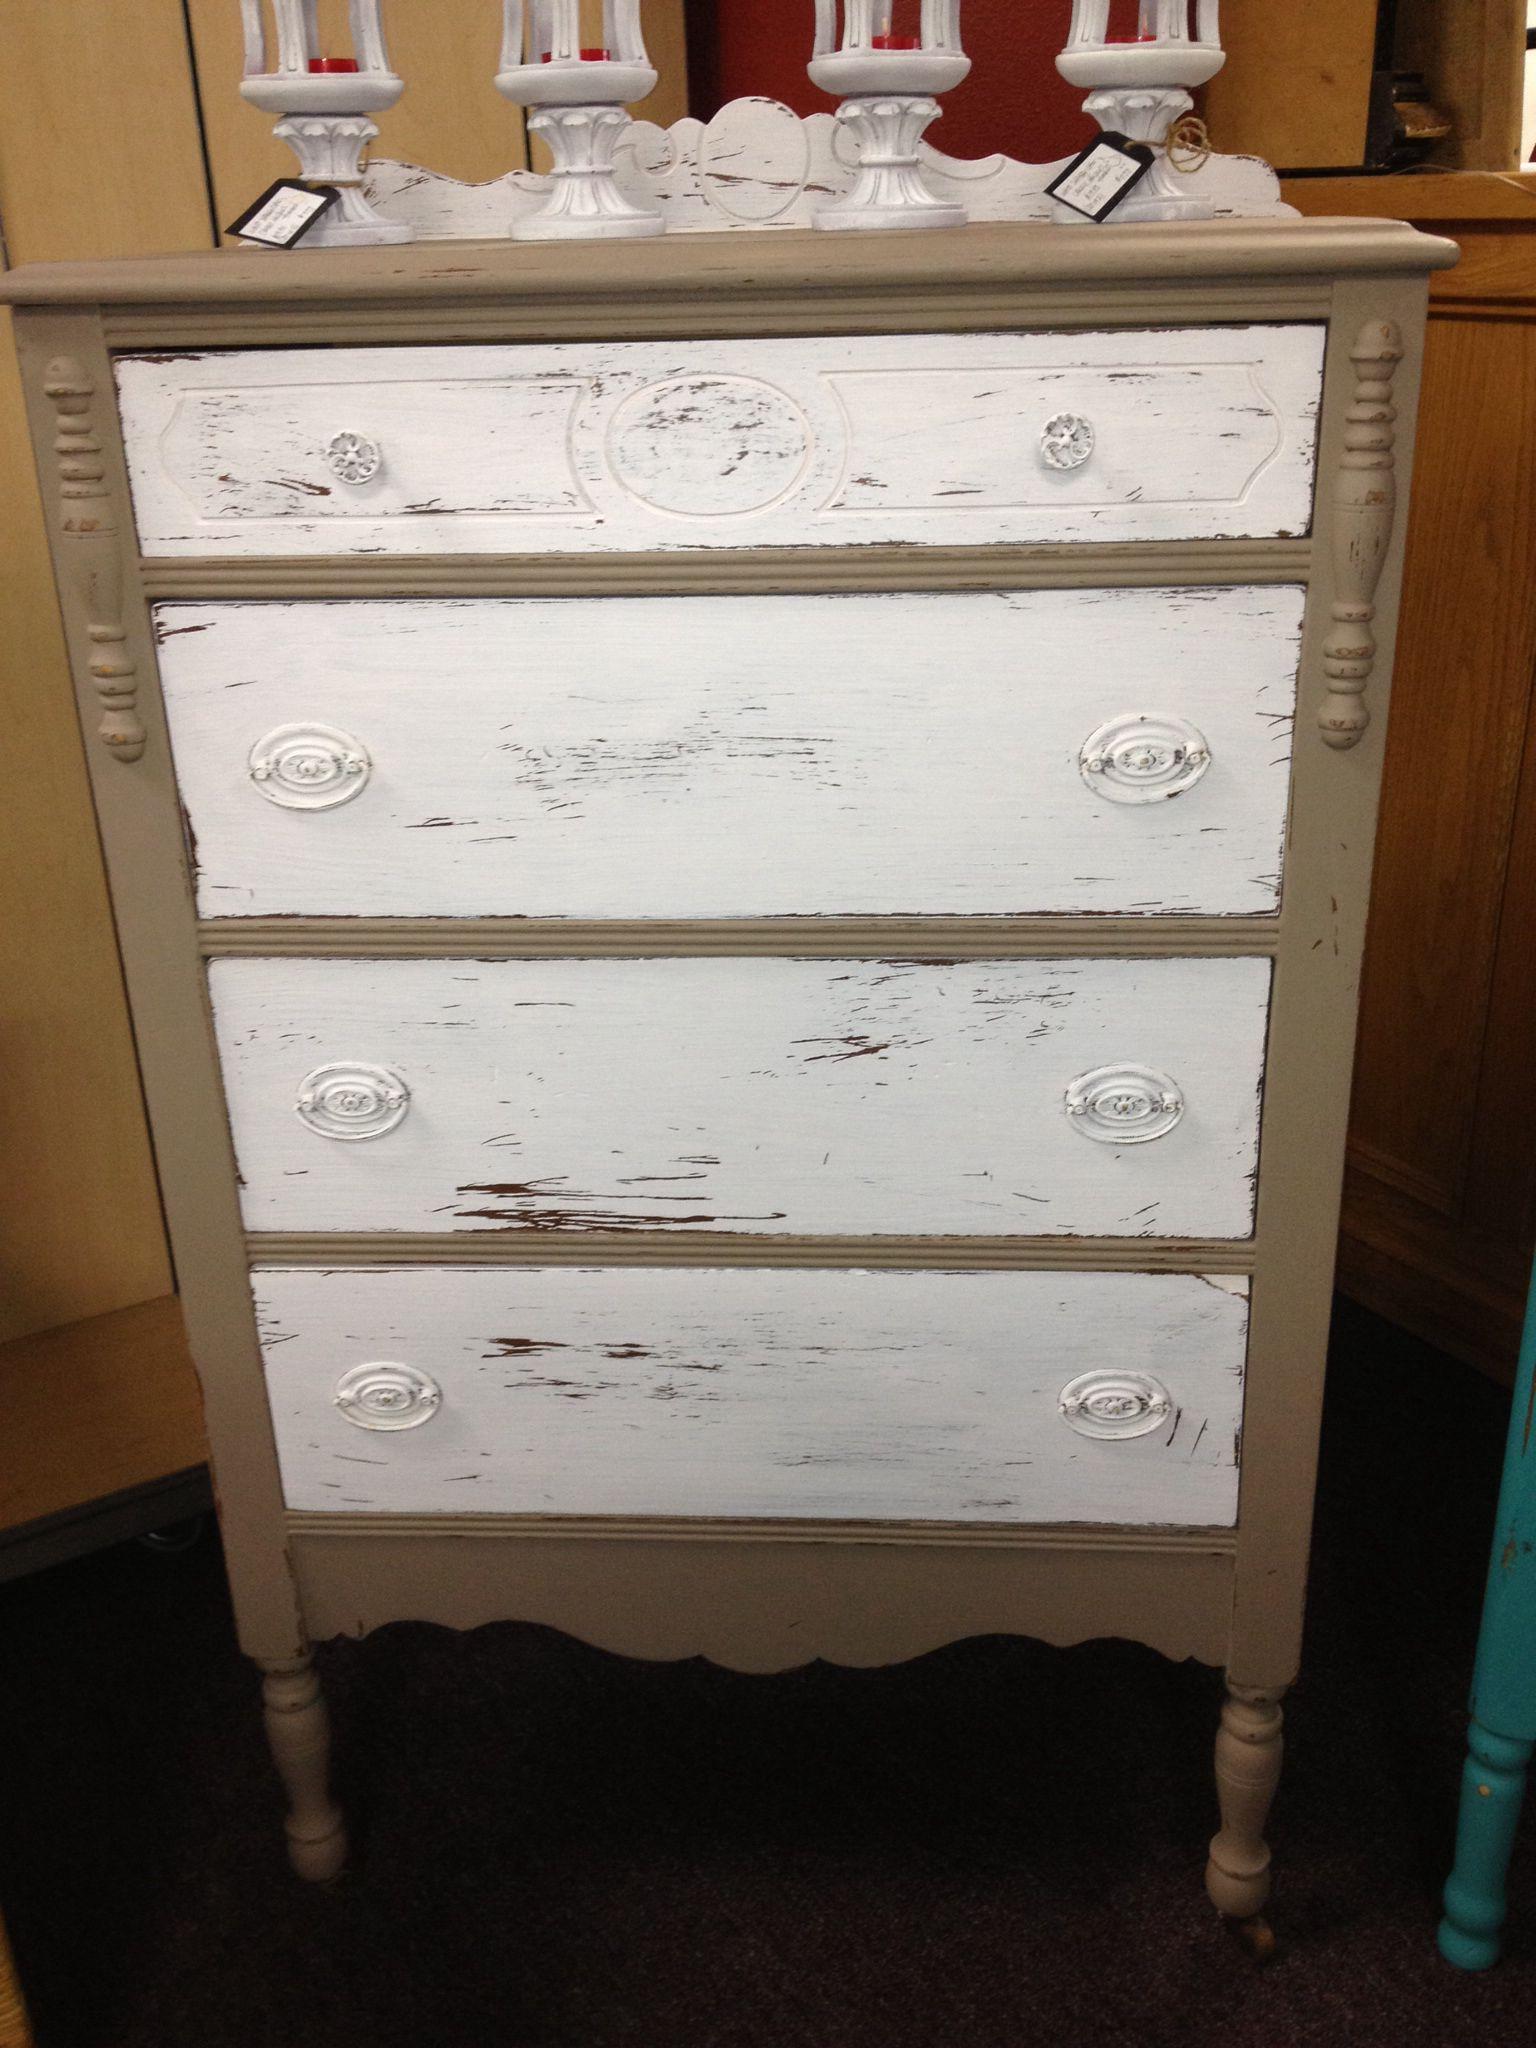 Best Beige Dresser Chalk Painted Decor Beige Dressers 400 x 300